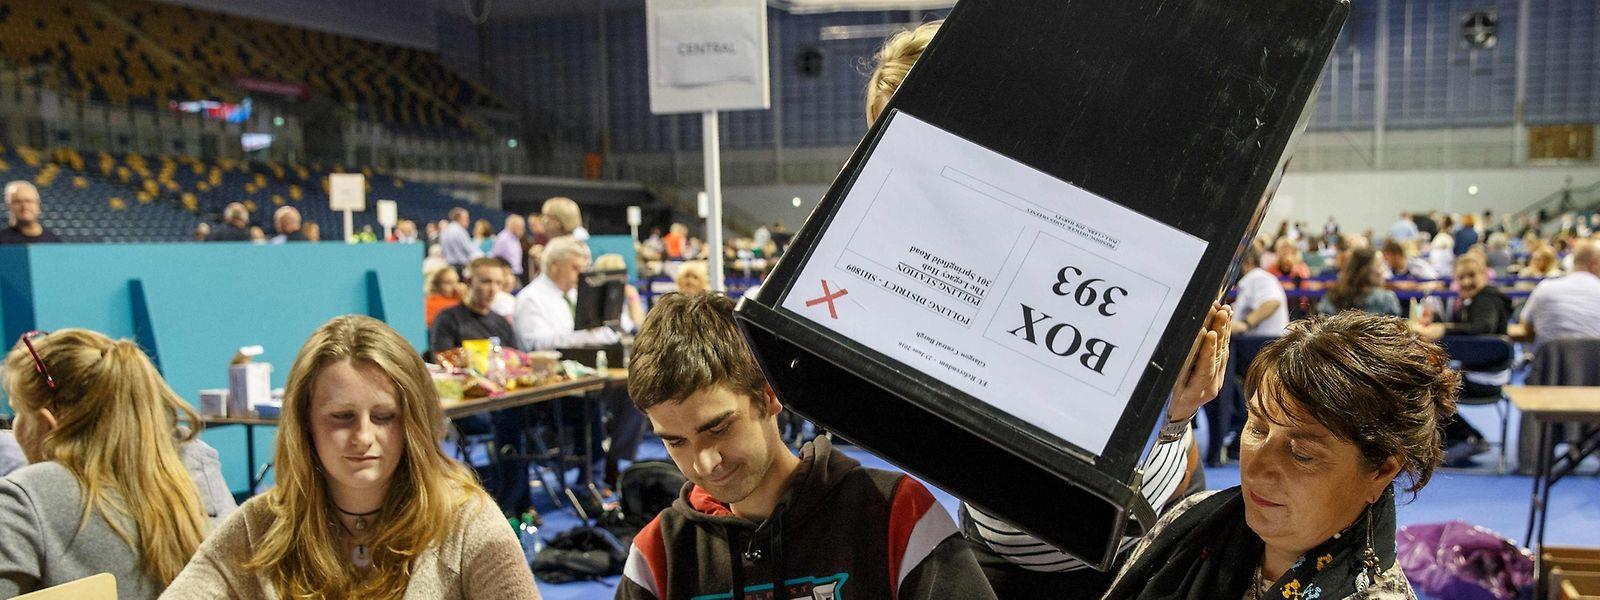 Ein Wahllokal in Glasgow. Auch hier wurde die ganze Nacht durchgezählt.